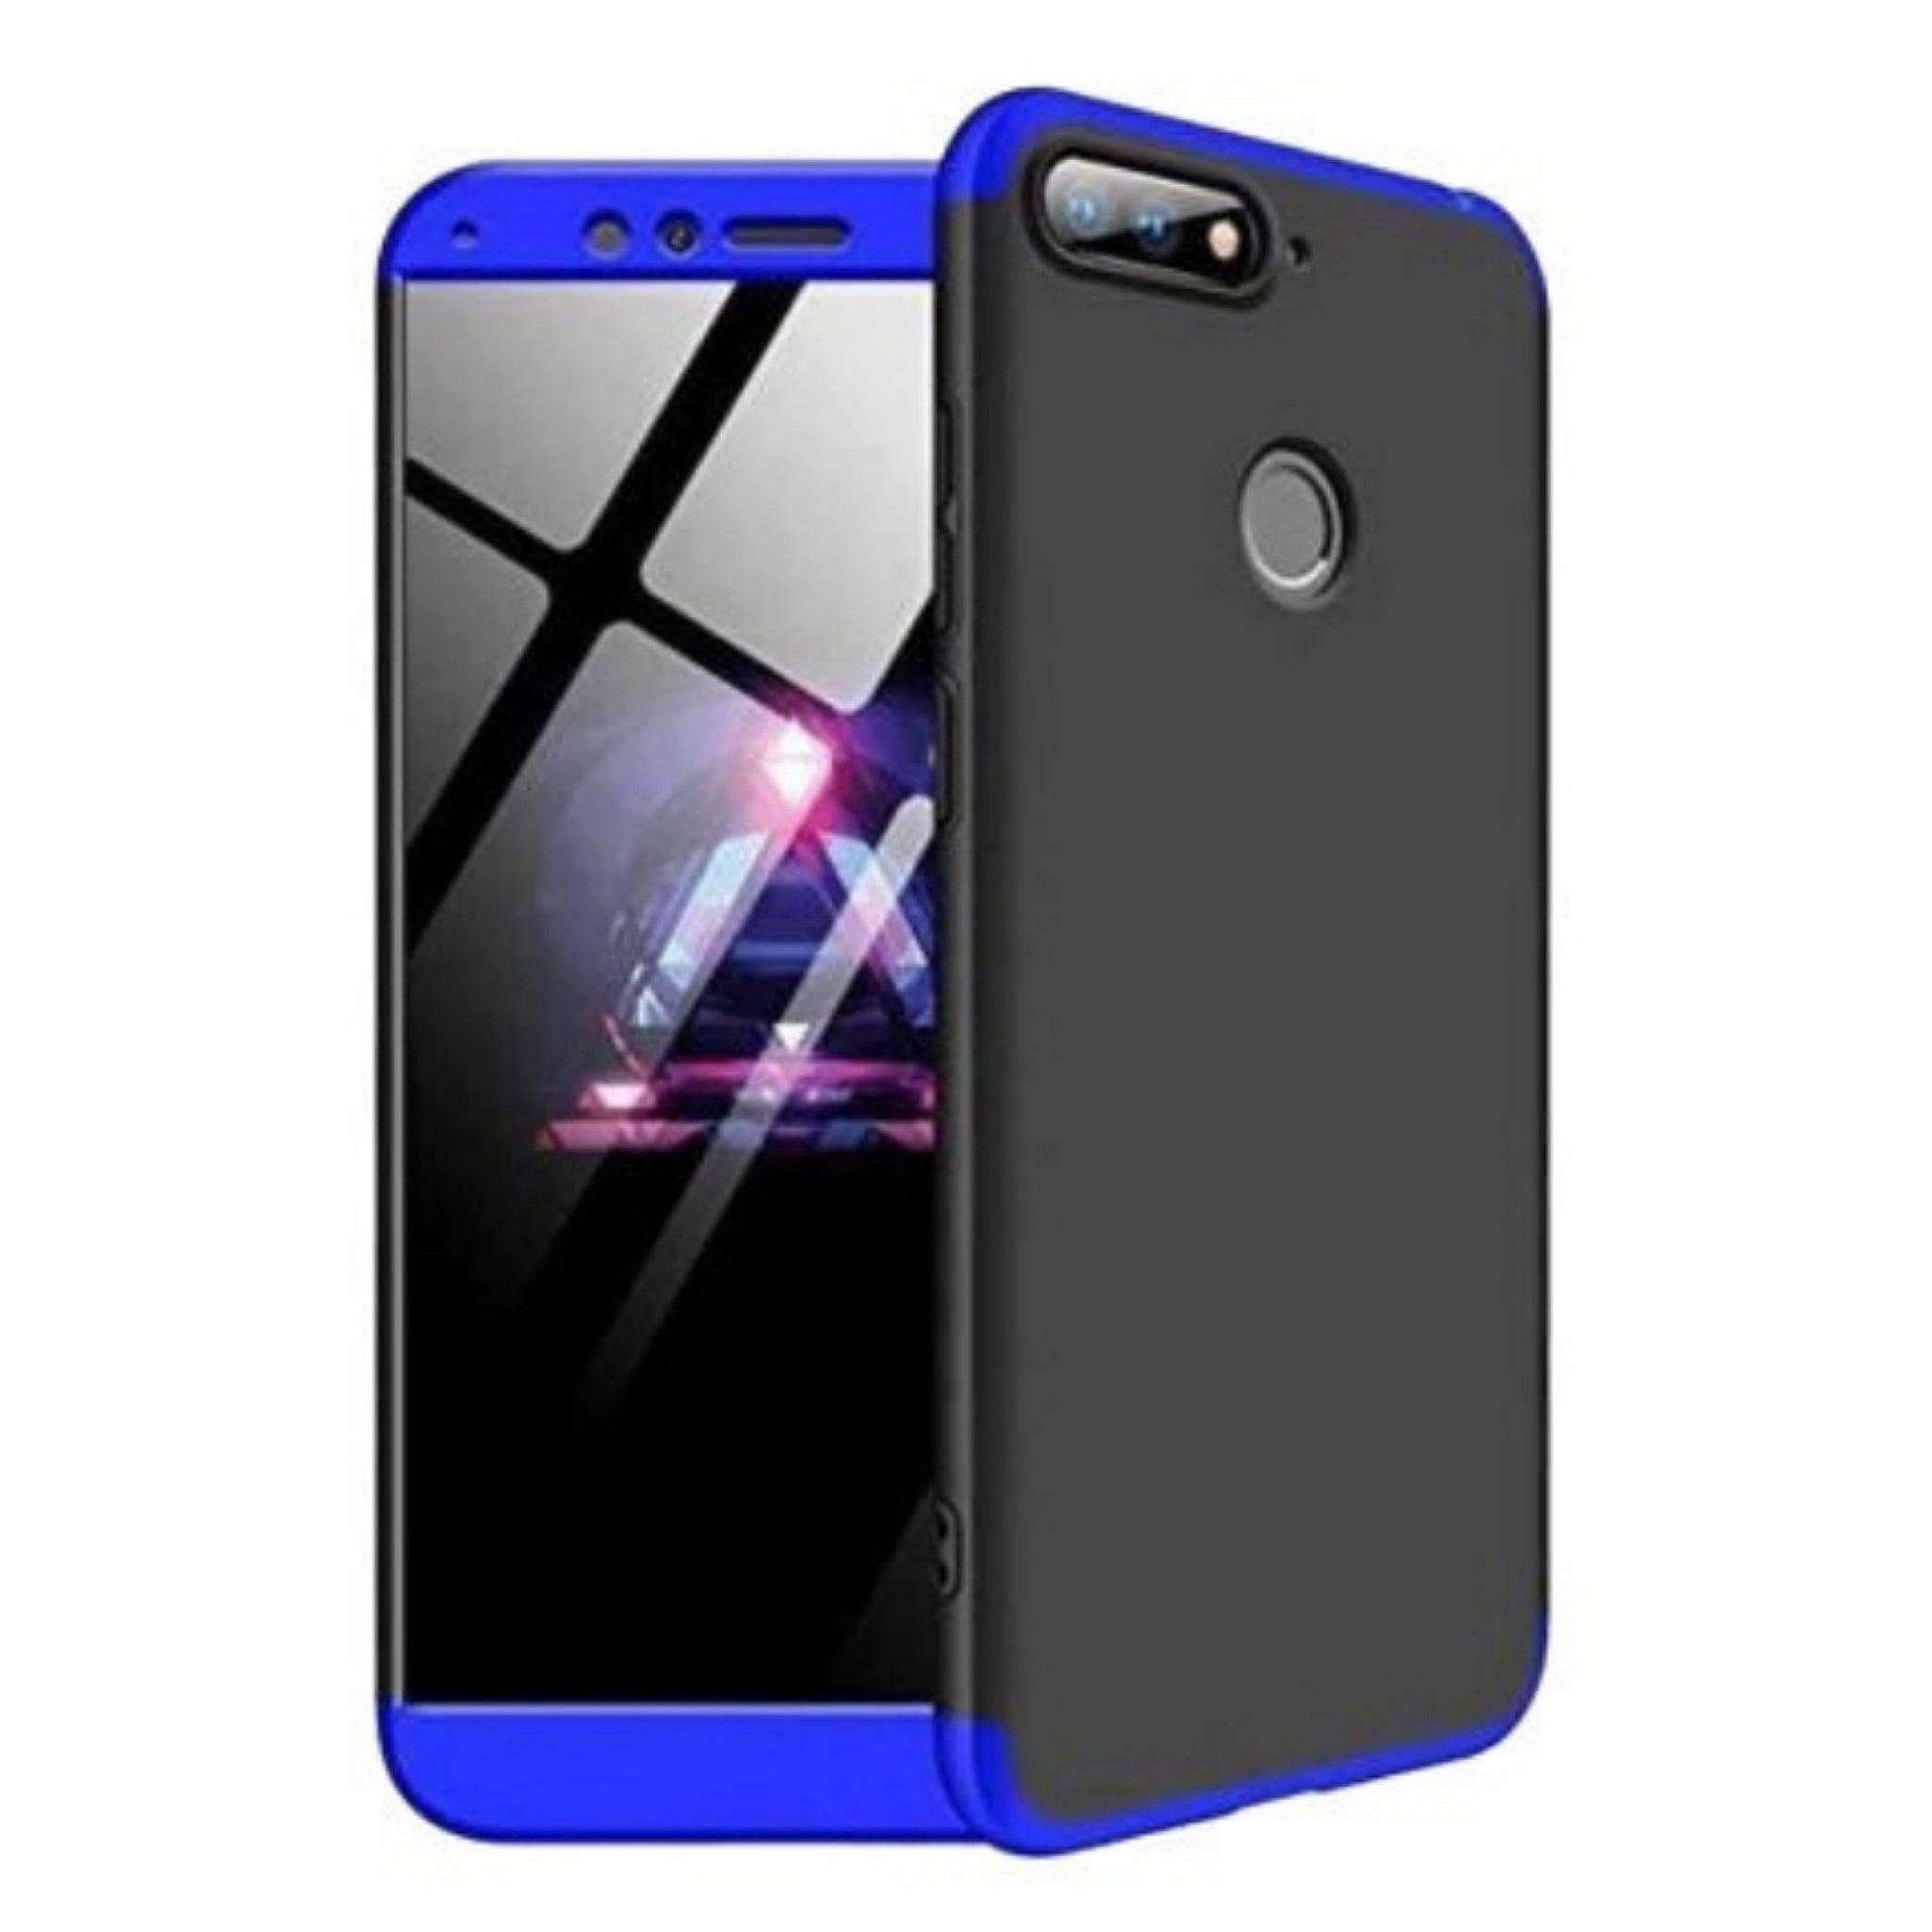 کاور 360 درجه مدل GK-7P مناسب برای گوشی موبایل هوآوی Y7 PRIME 2018